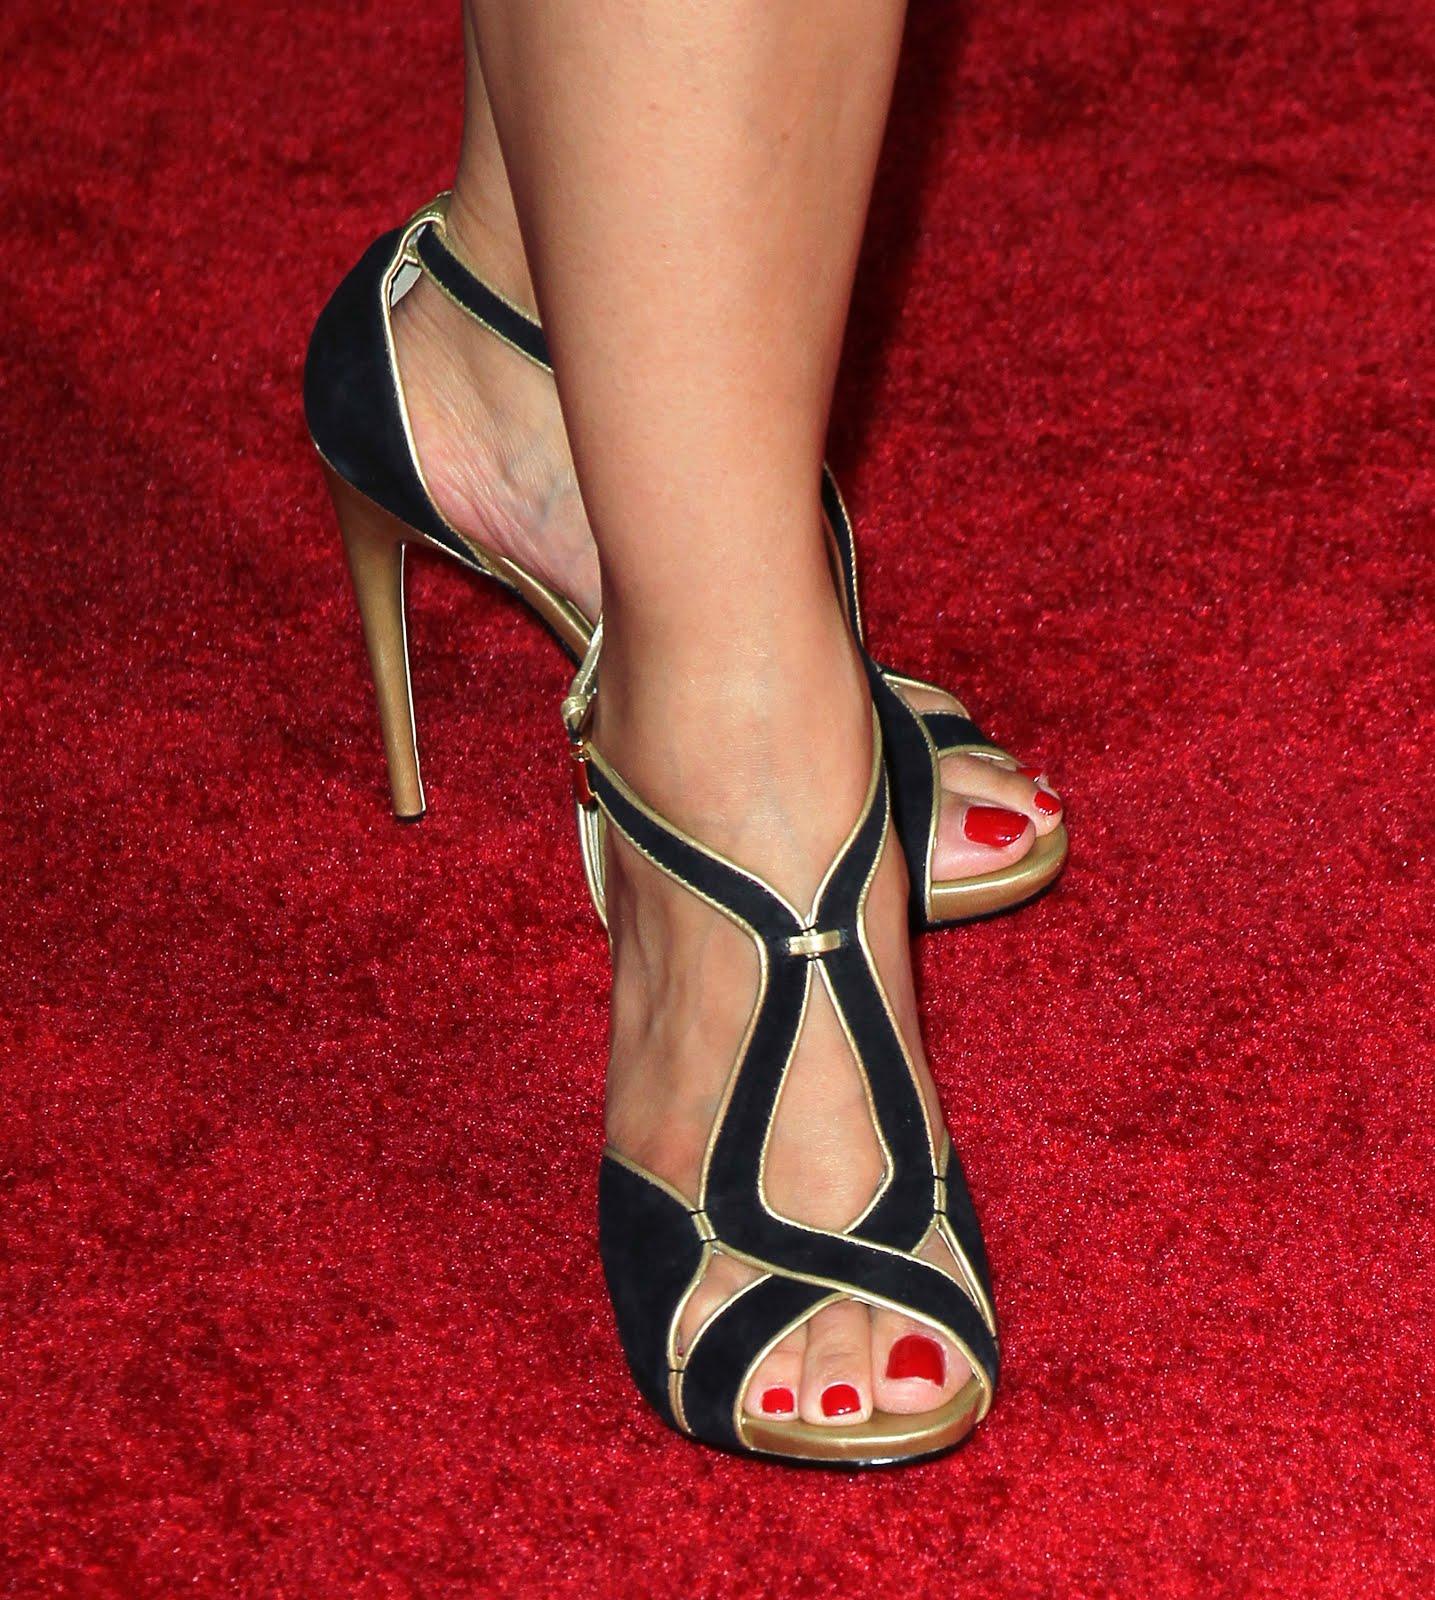 http://4.bp.blogspot.com/-vXvkNGLVvVY/UJZjrV3udzI/AAAAAAAAAoA/9Y30-gOschA/s1600/Ming-Na_Feet_001.JPG